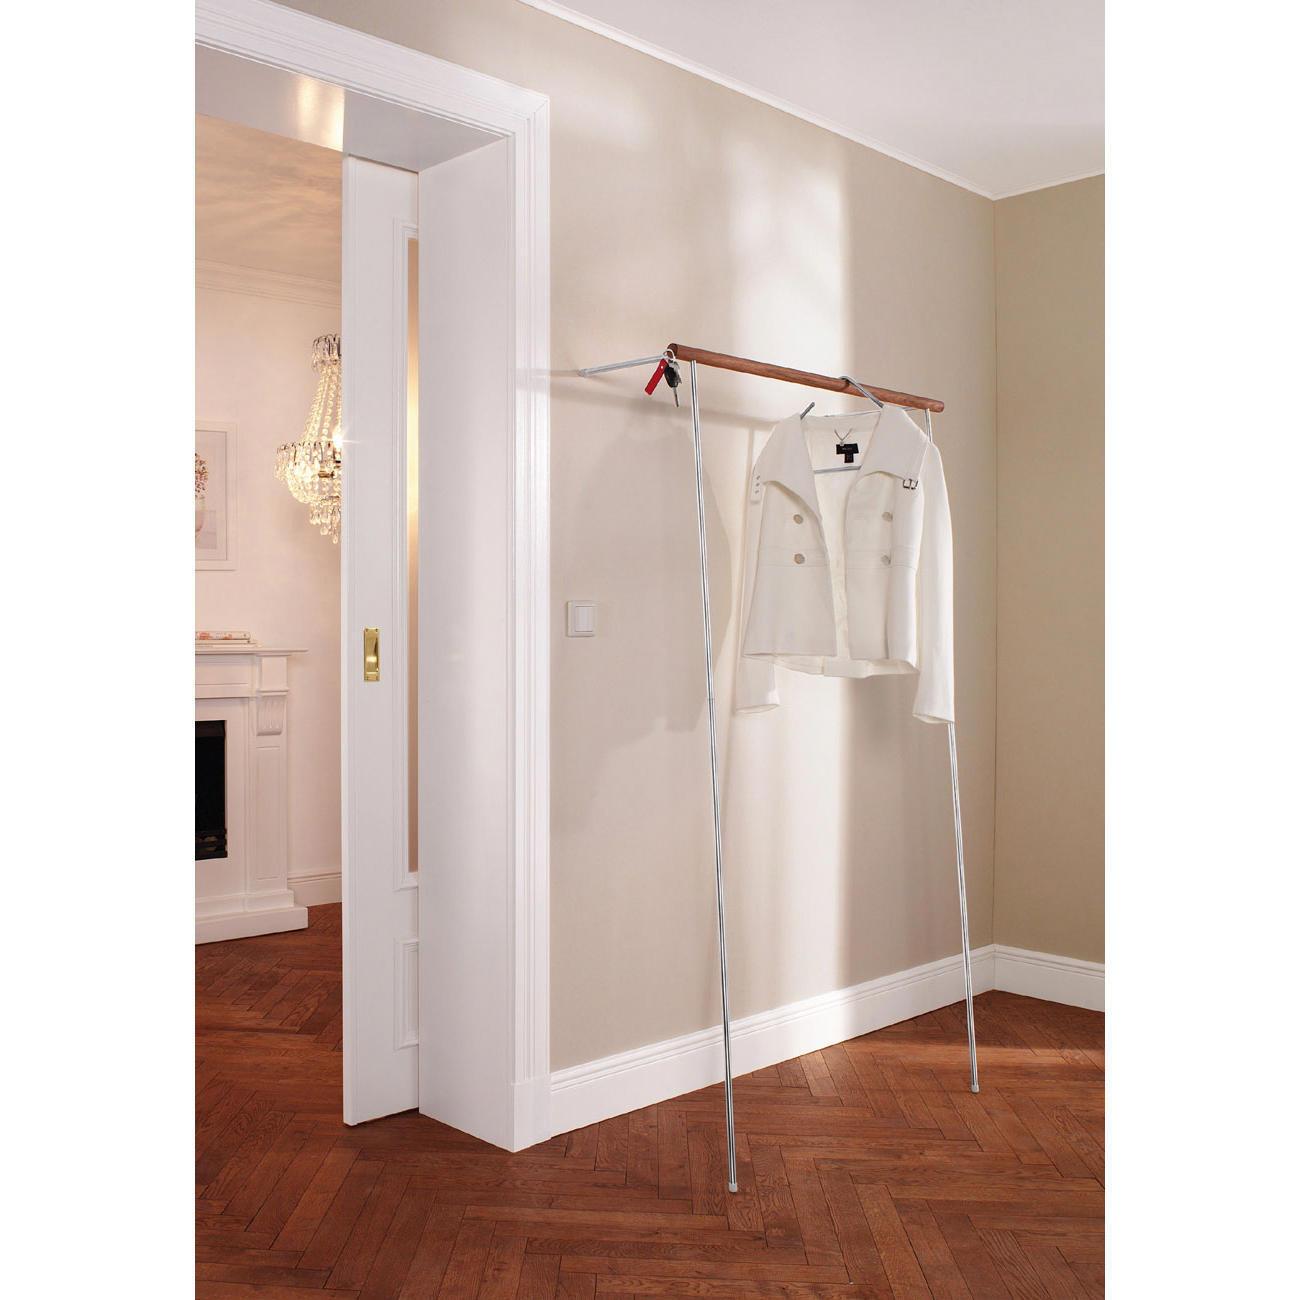 garderobe zum anlehnen 3 jahre garantie pro idee. Black Bedroom Furniture Sets. Home Design Ideas